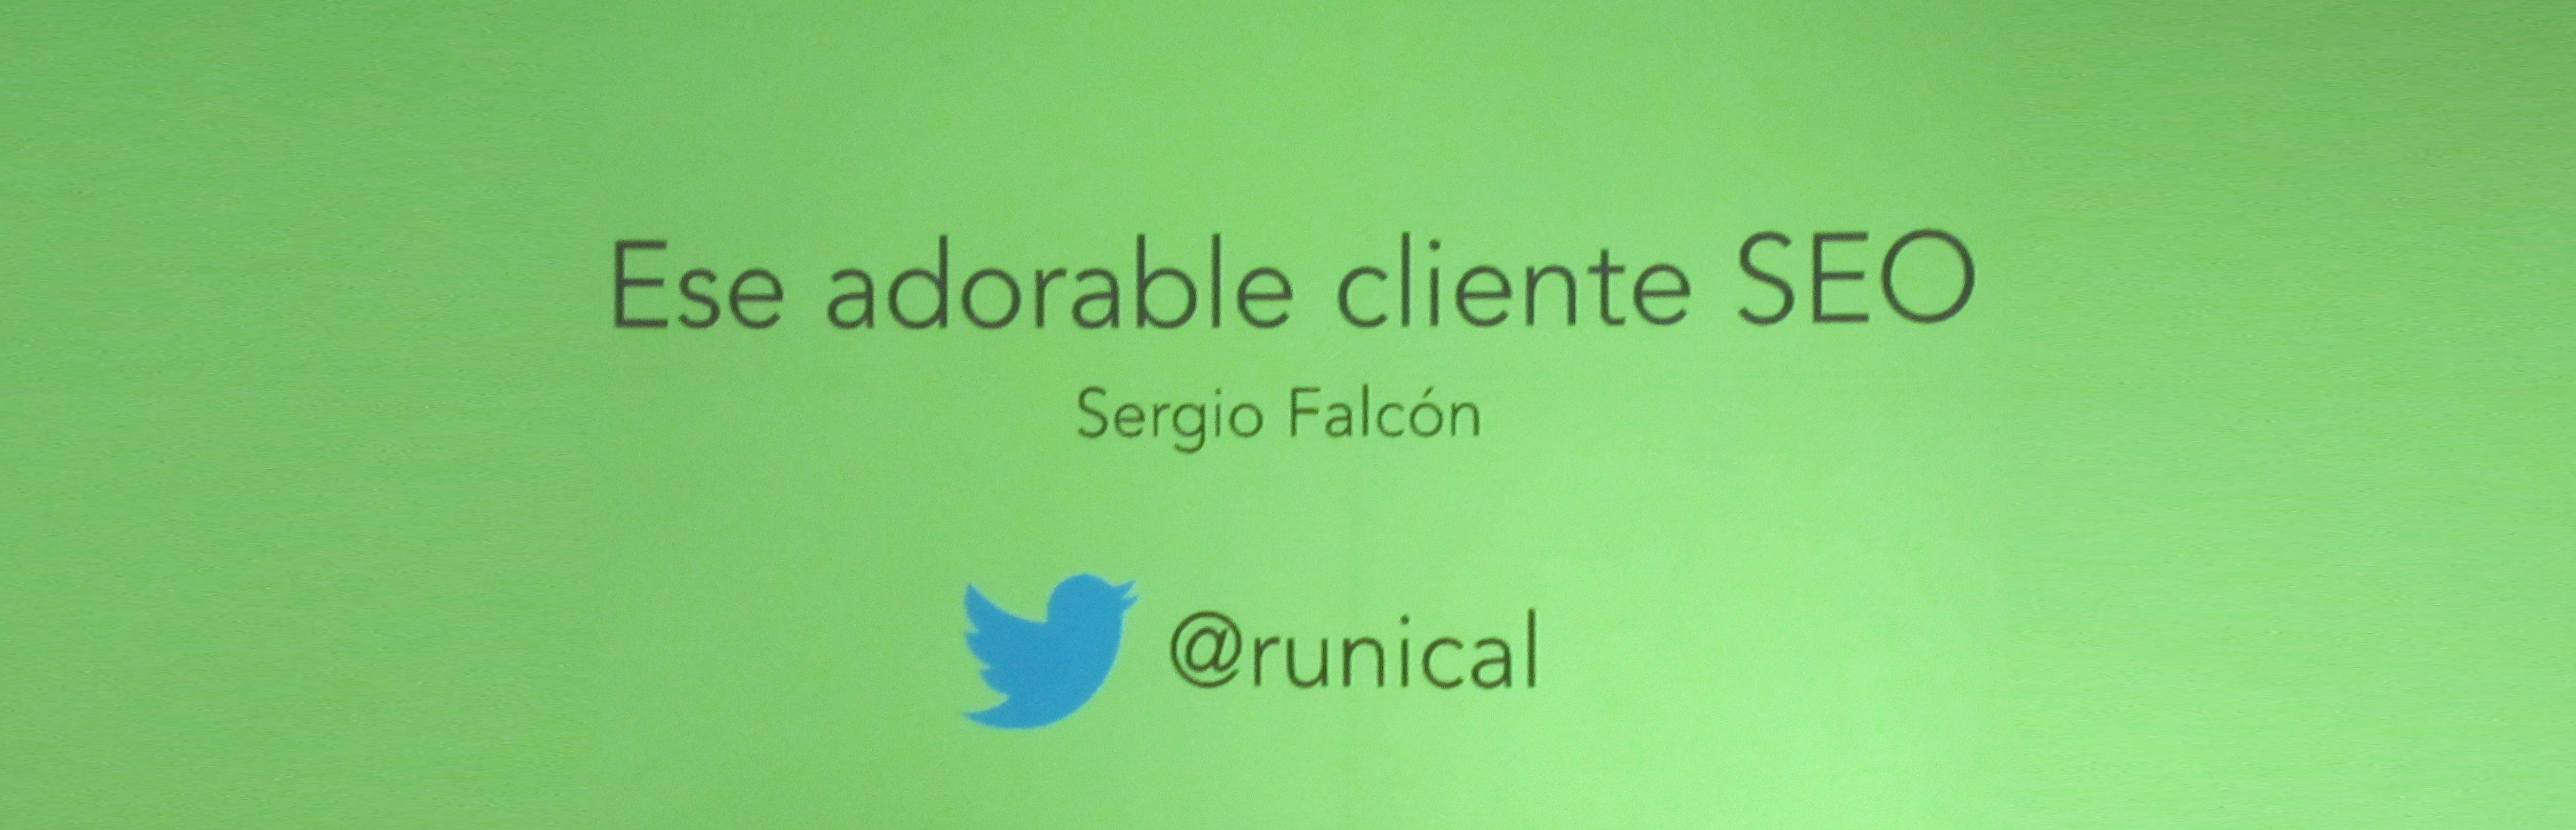 Sergio Falcon